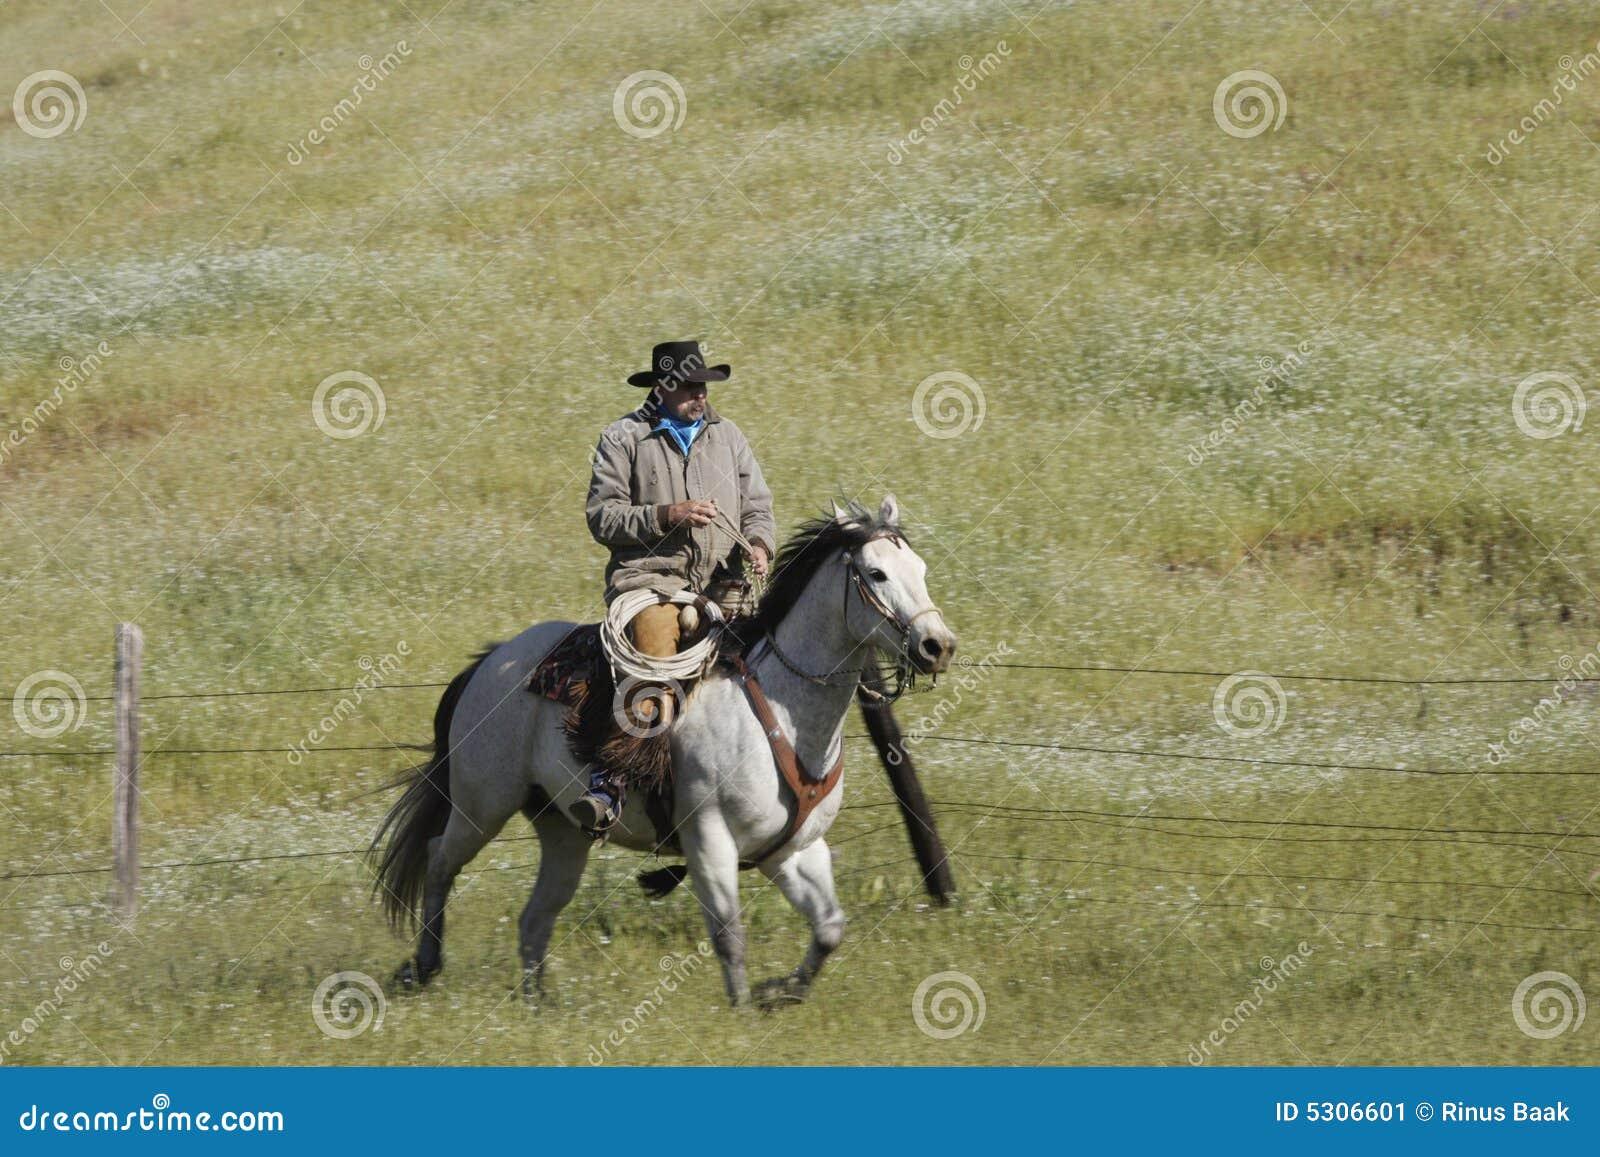 Download Cowboy galoppante immagine stock. Immagine di equestrian - 5306601